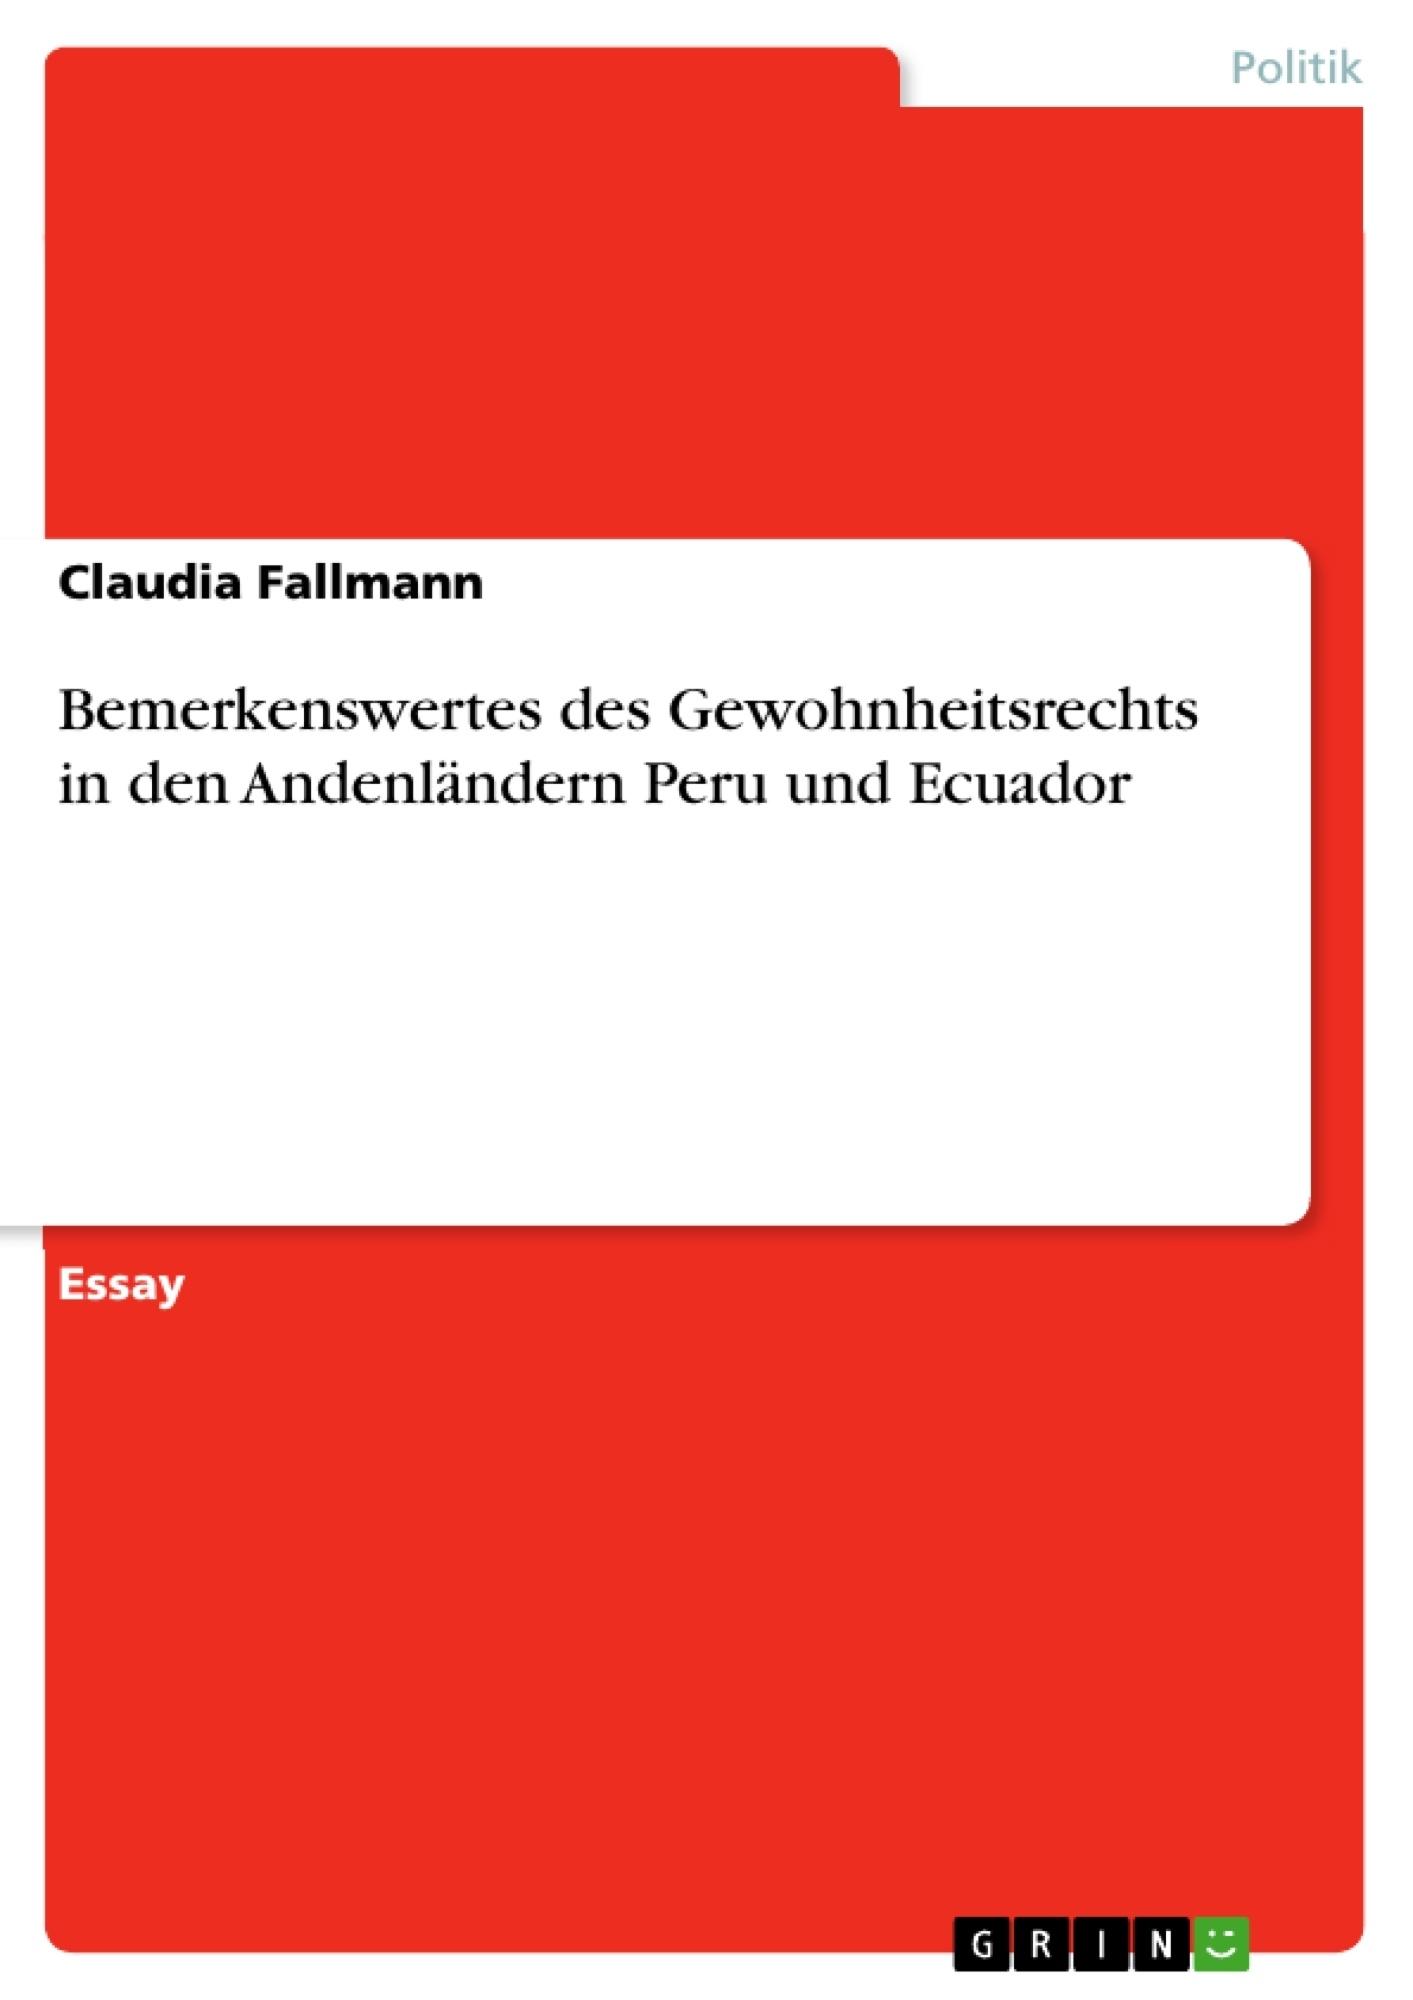 Titel: Bemerkenswertes des Gewohnheitsrechts in den Andenländern Peru und Ecuador